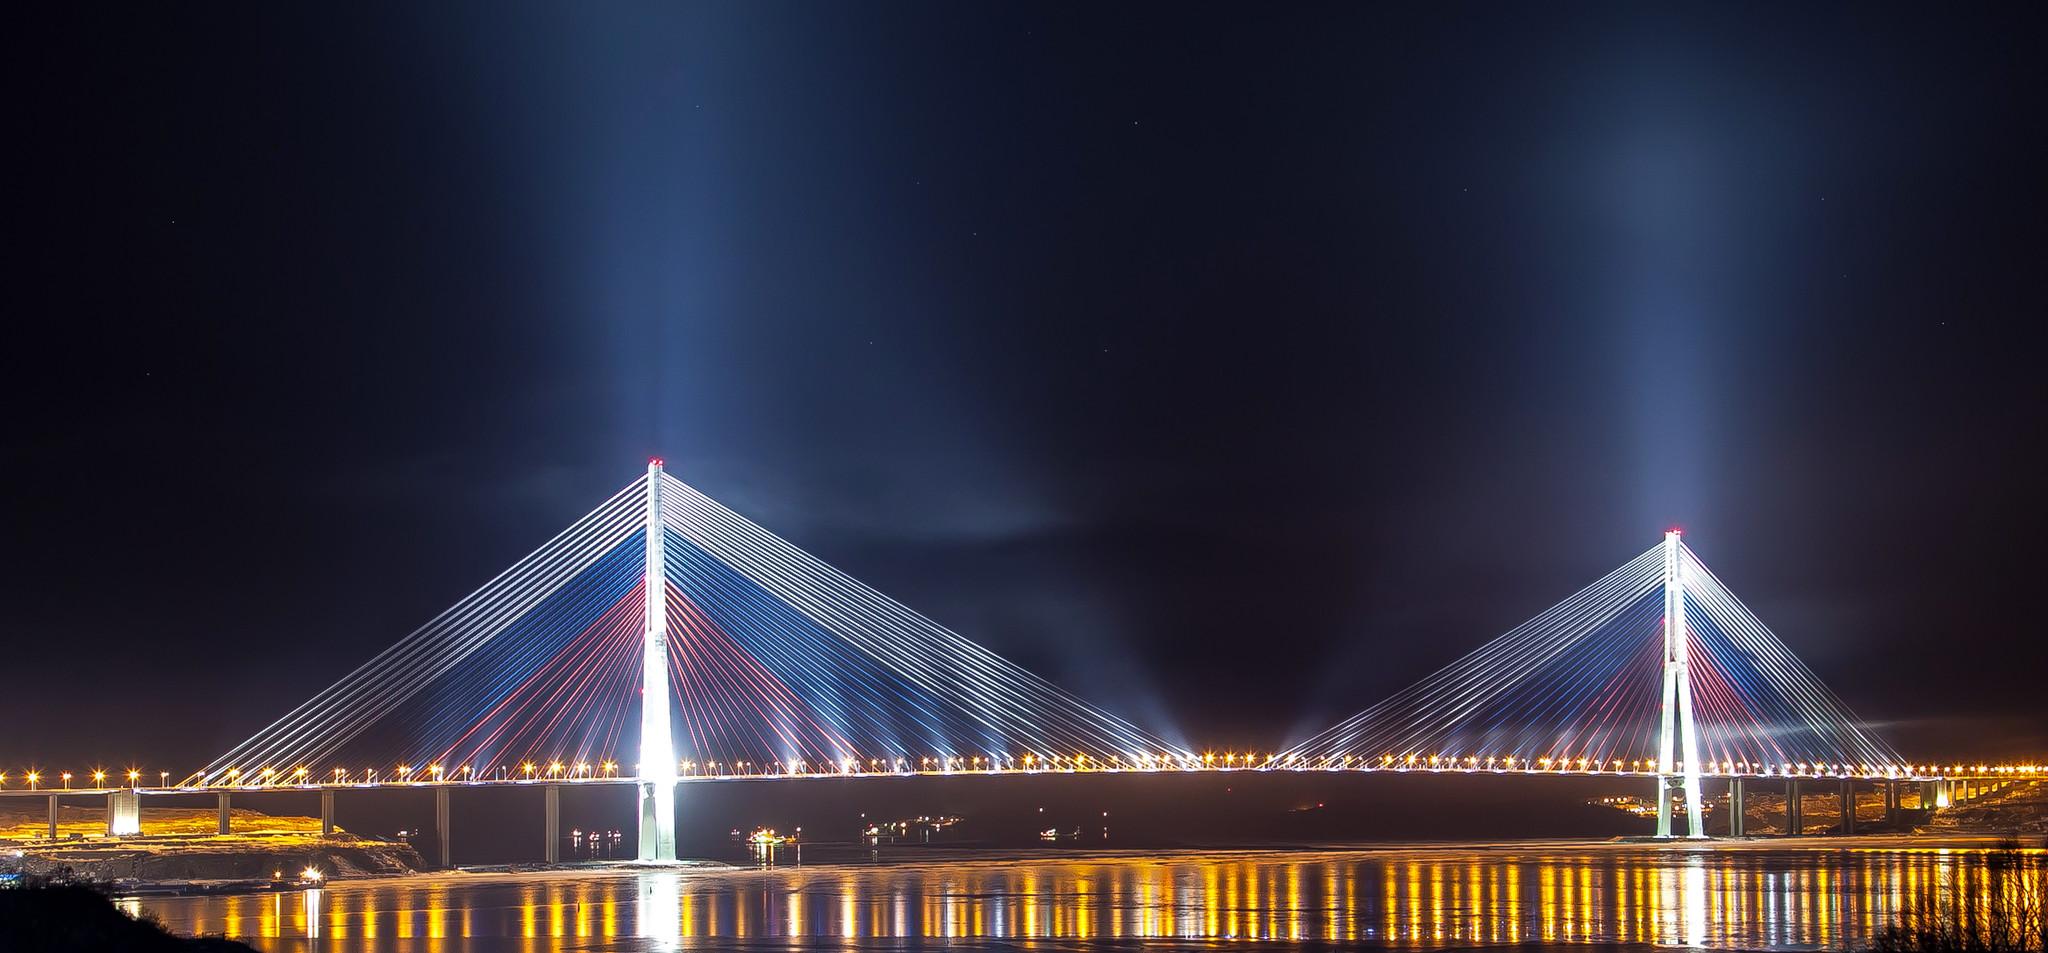 Вантового моста в санкт петербурге